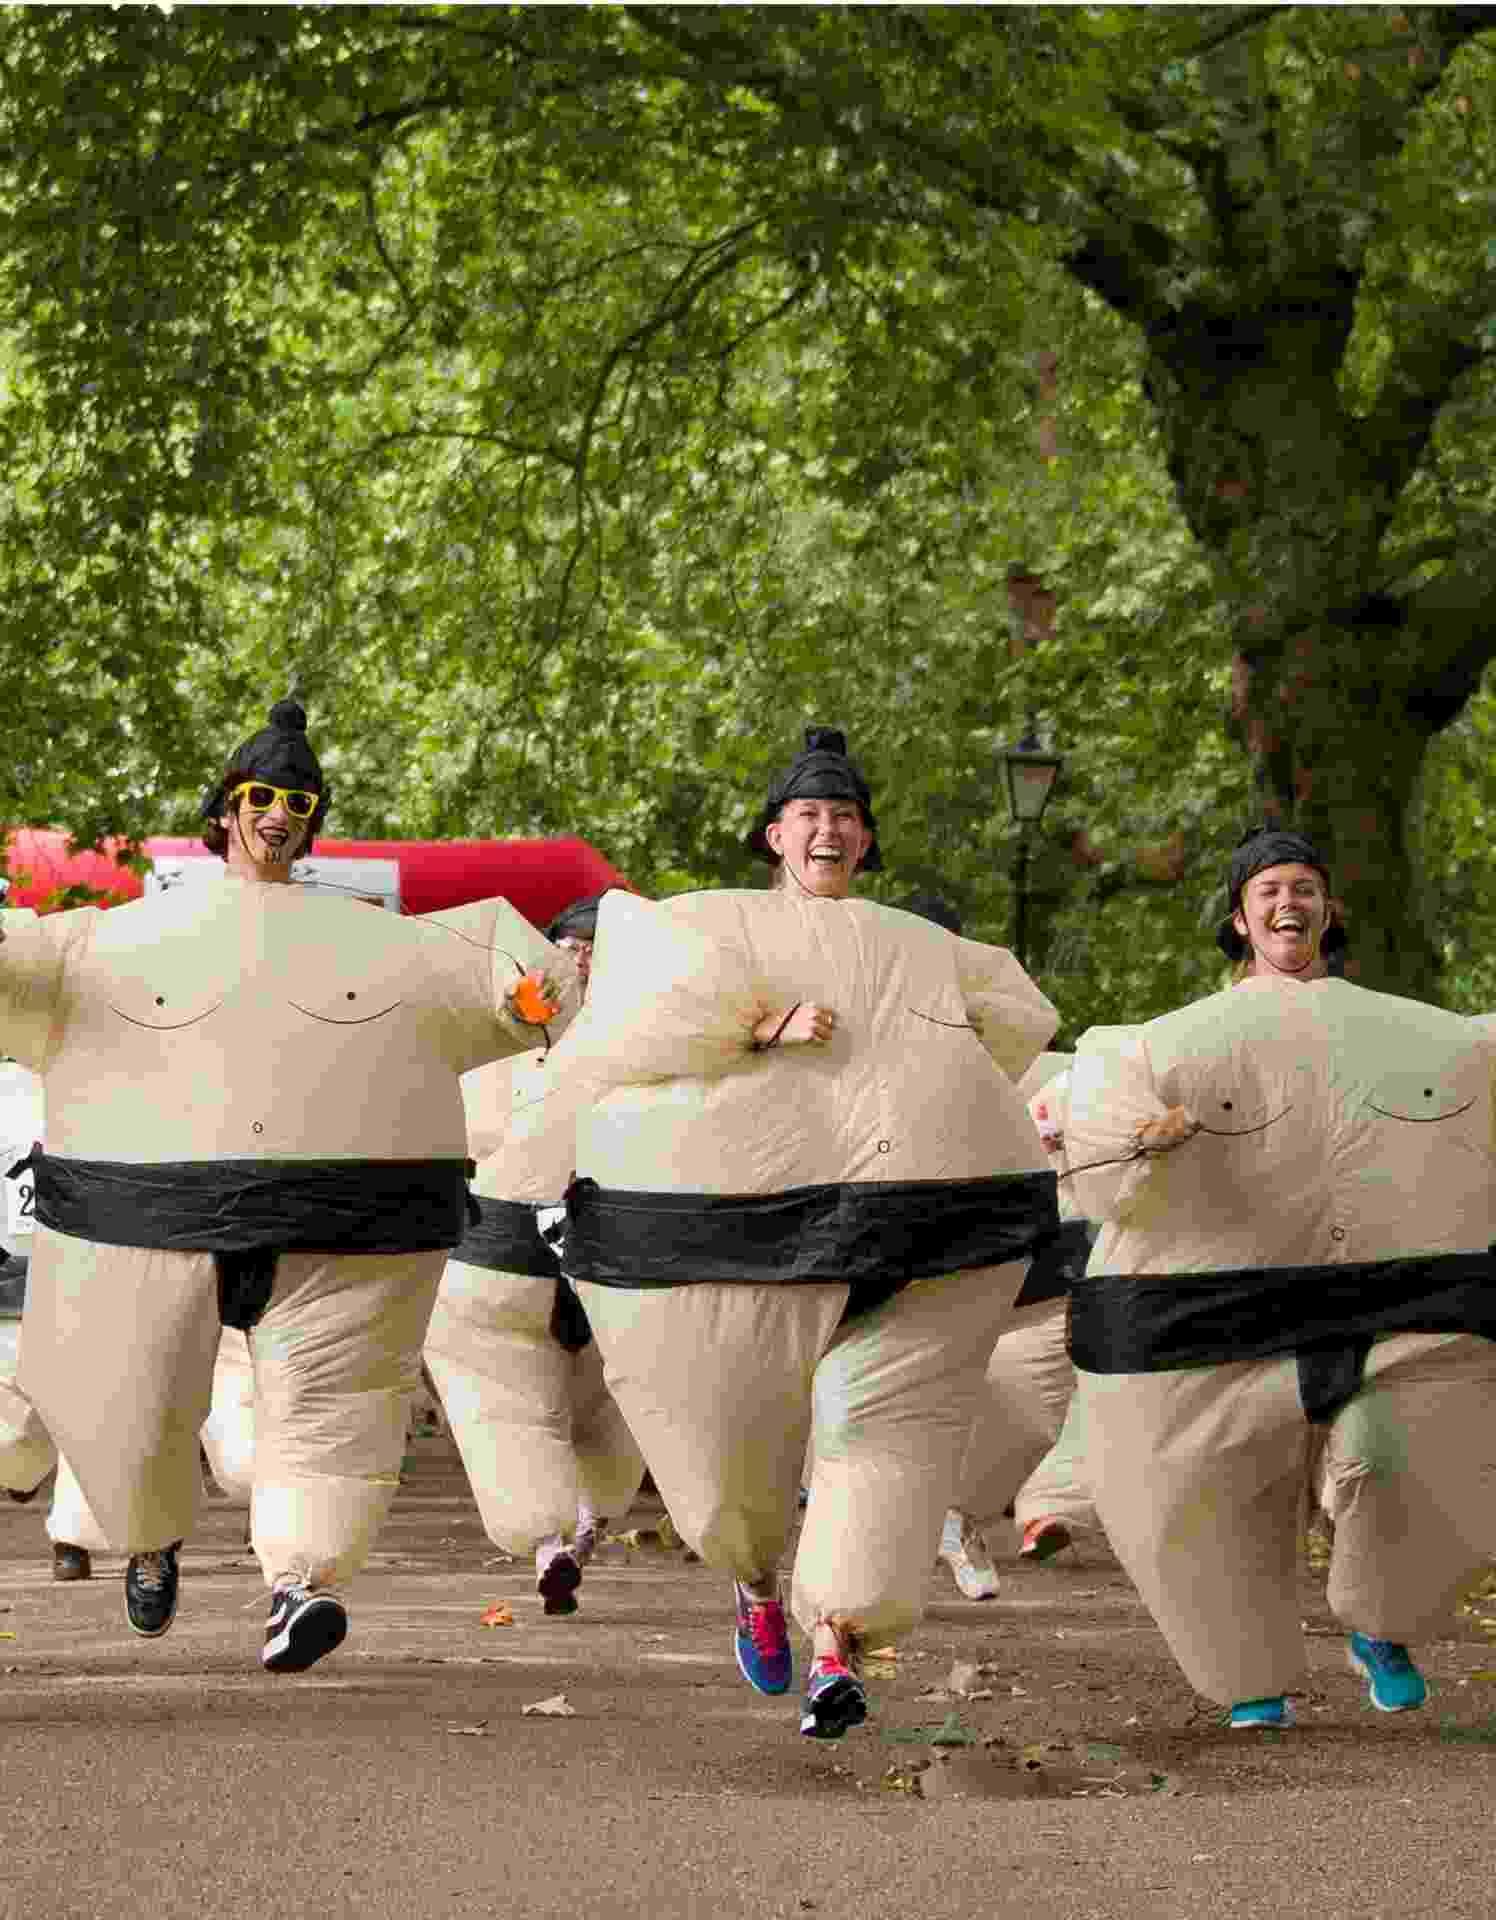 29.jul.2013 - Corrida reúne competidores fantasiados como lutadores de sumô em Battersea Park, em Londres, Reino Unido - Leon Neal/ AFP